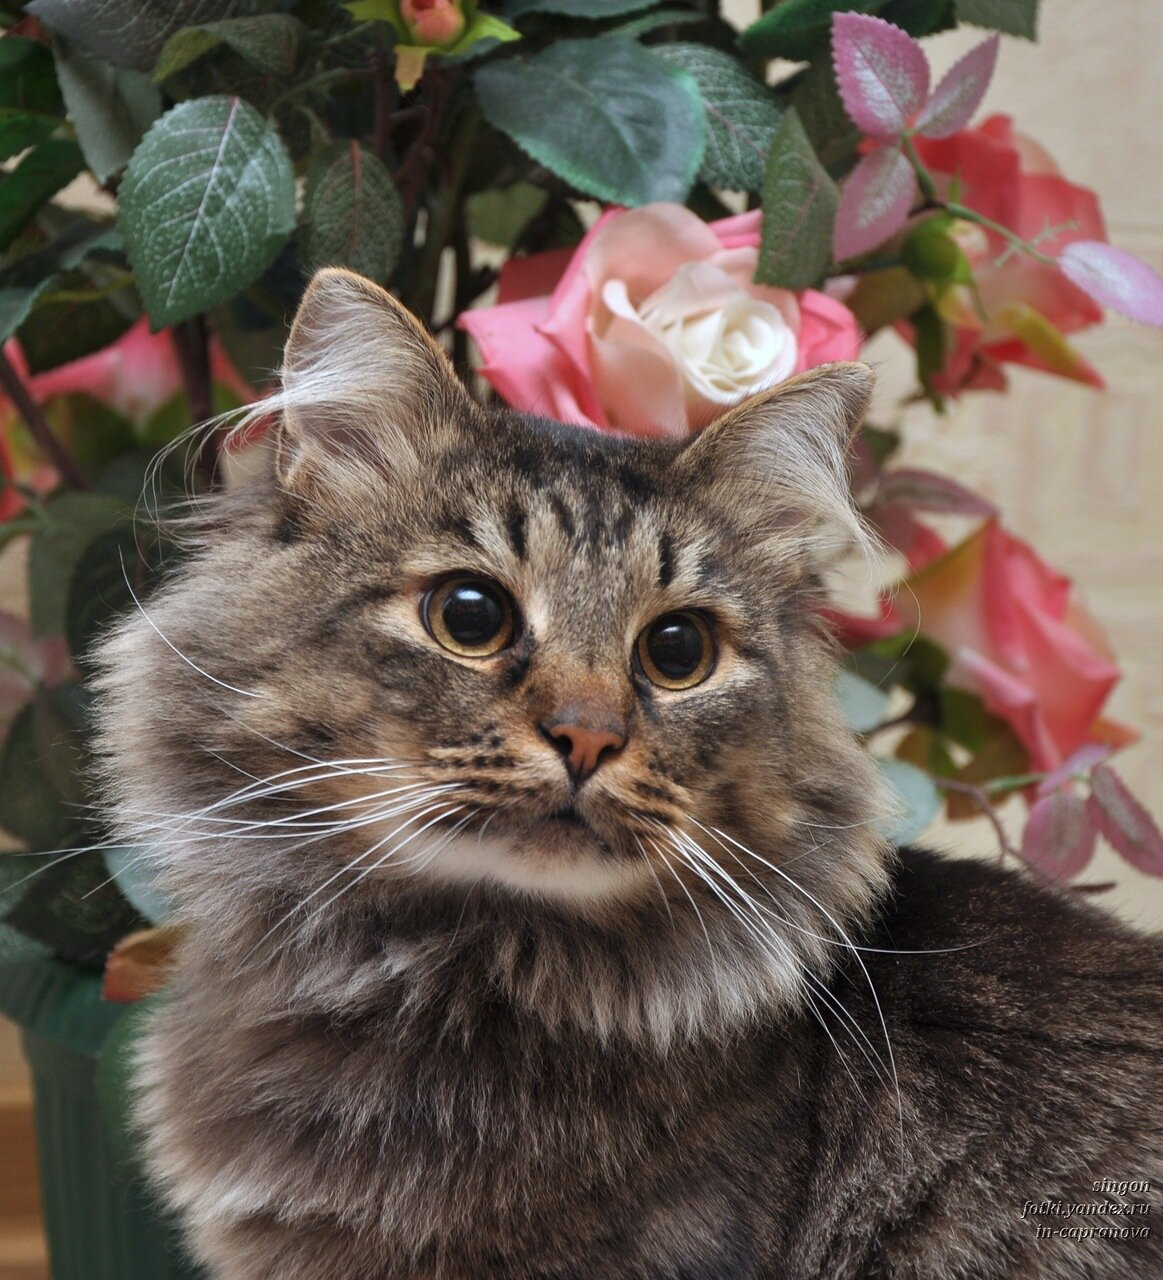 покажи картинки кошек пожалуйста мало кто догадывается